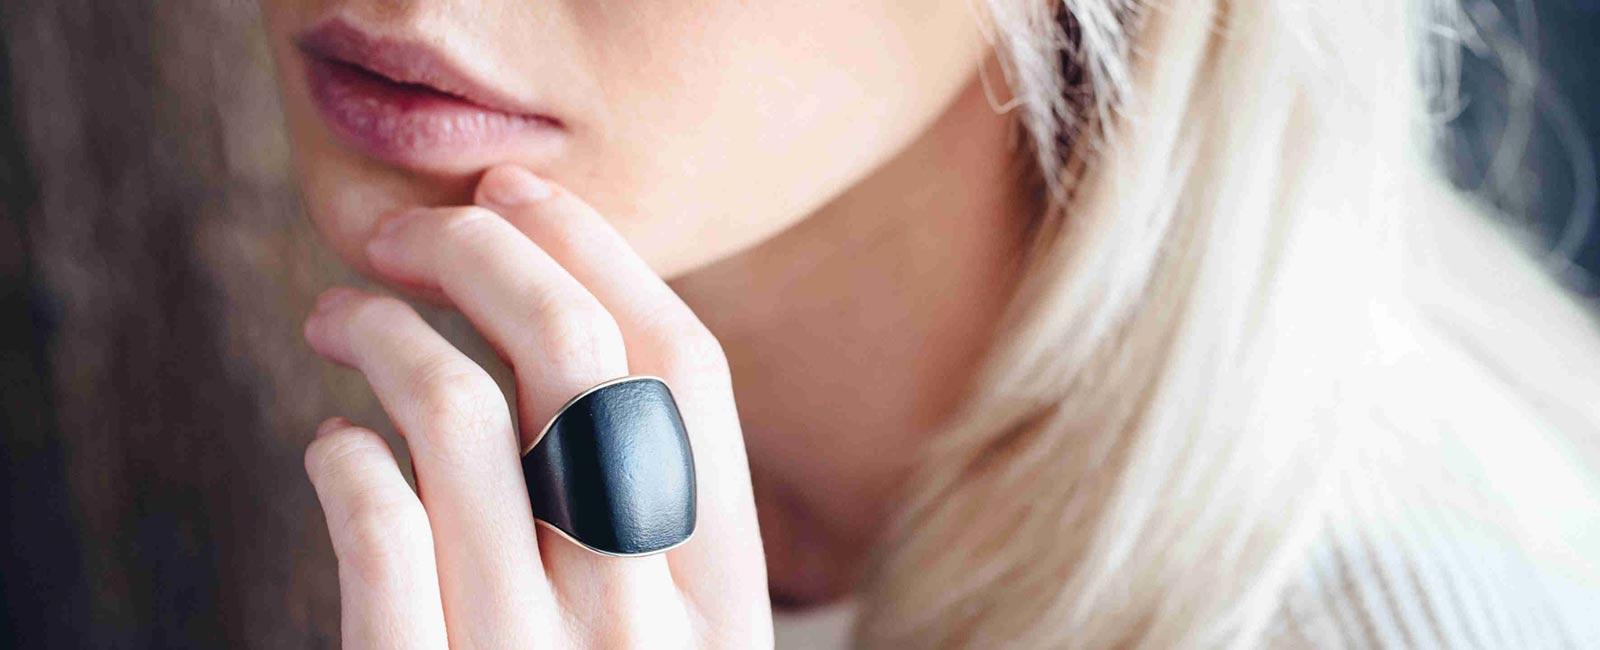 Un anillo que puede salvar tu vida